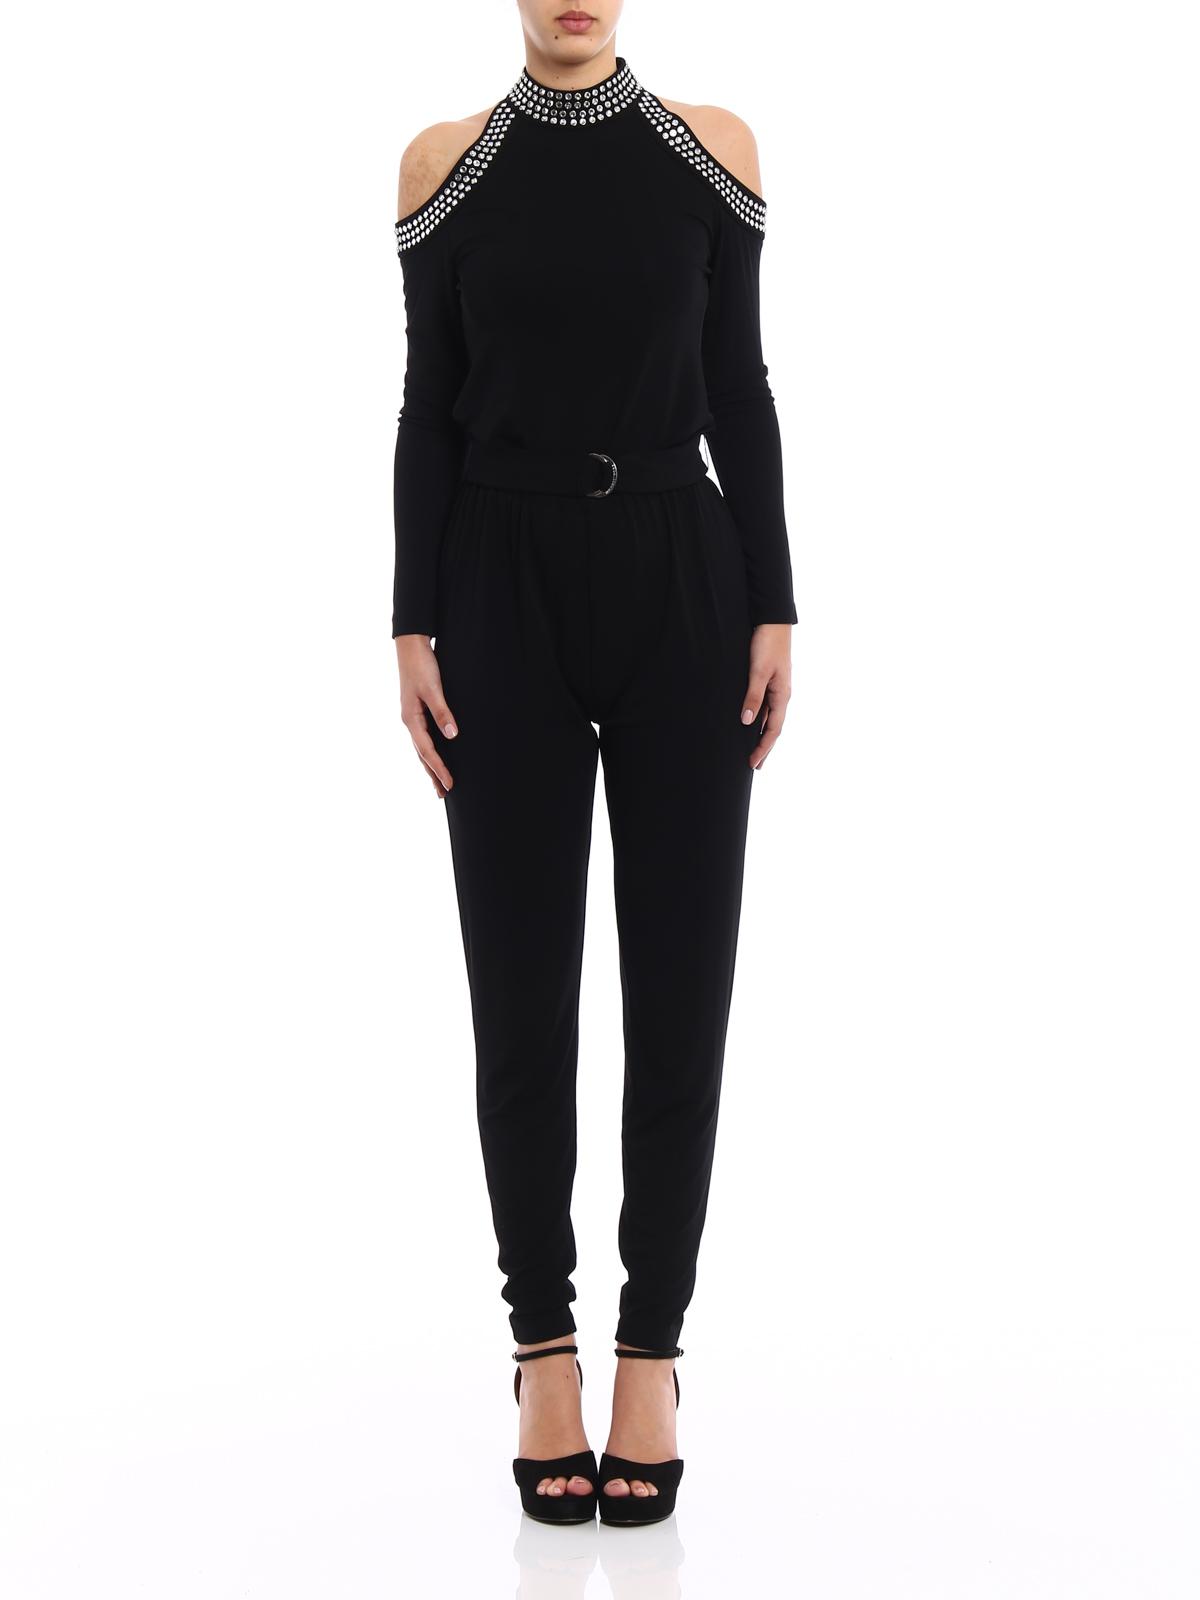 e8e7e51d8131 iKRIX MICHAEL KORS  jumpsuits - Embellished belted jersey jumpsuit